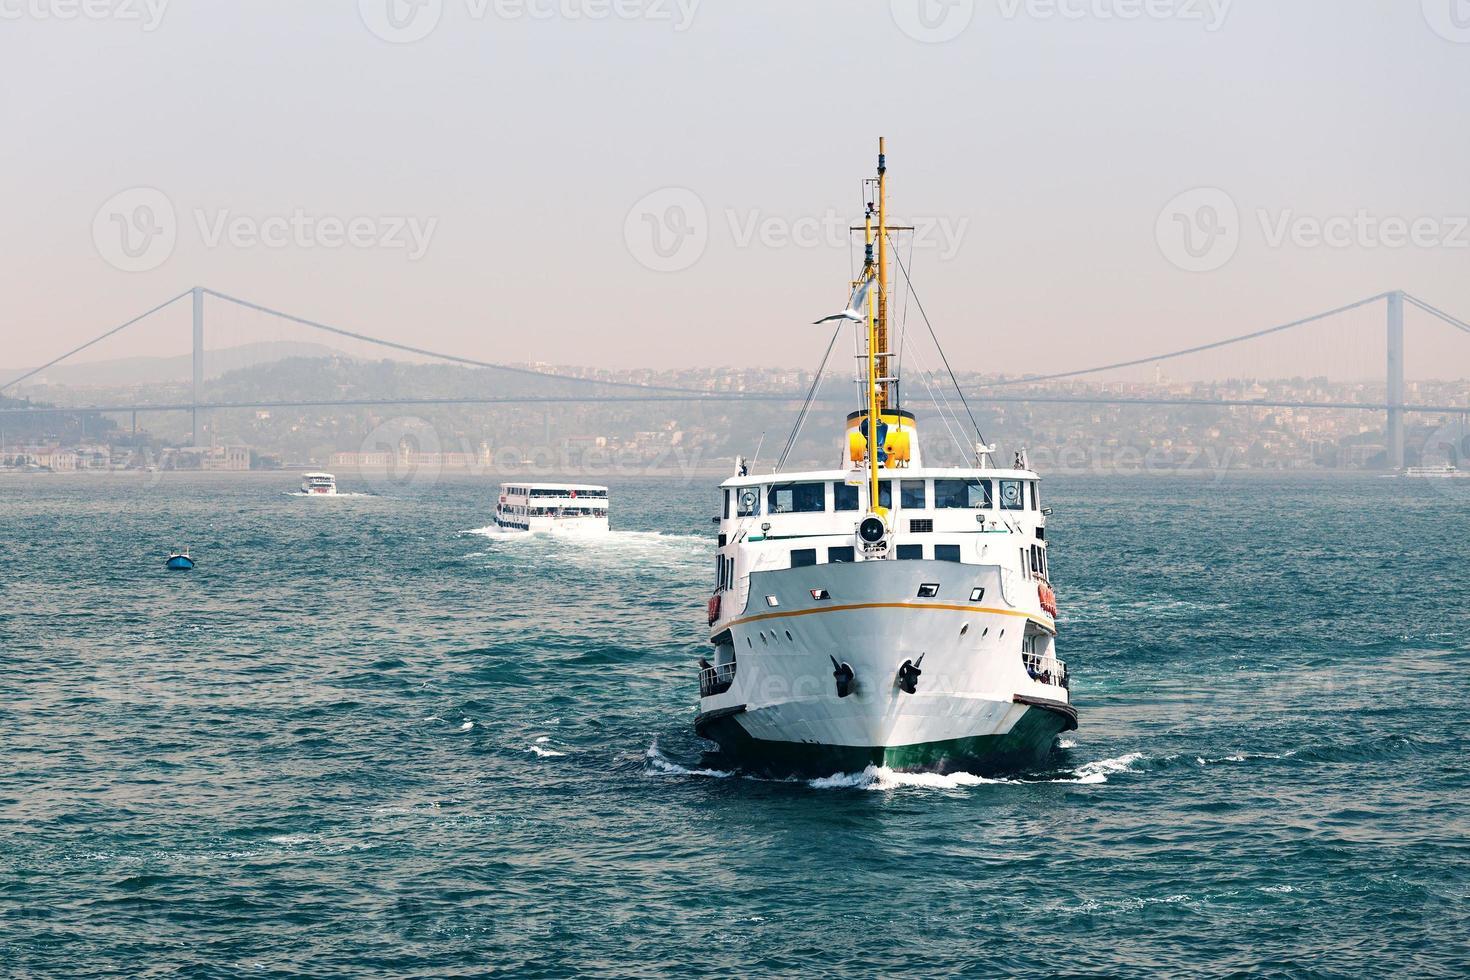 Passagierschiffe in der Meerenge des Bosporus foto